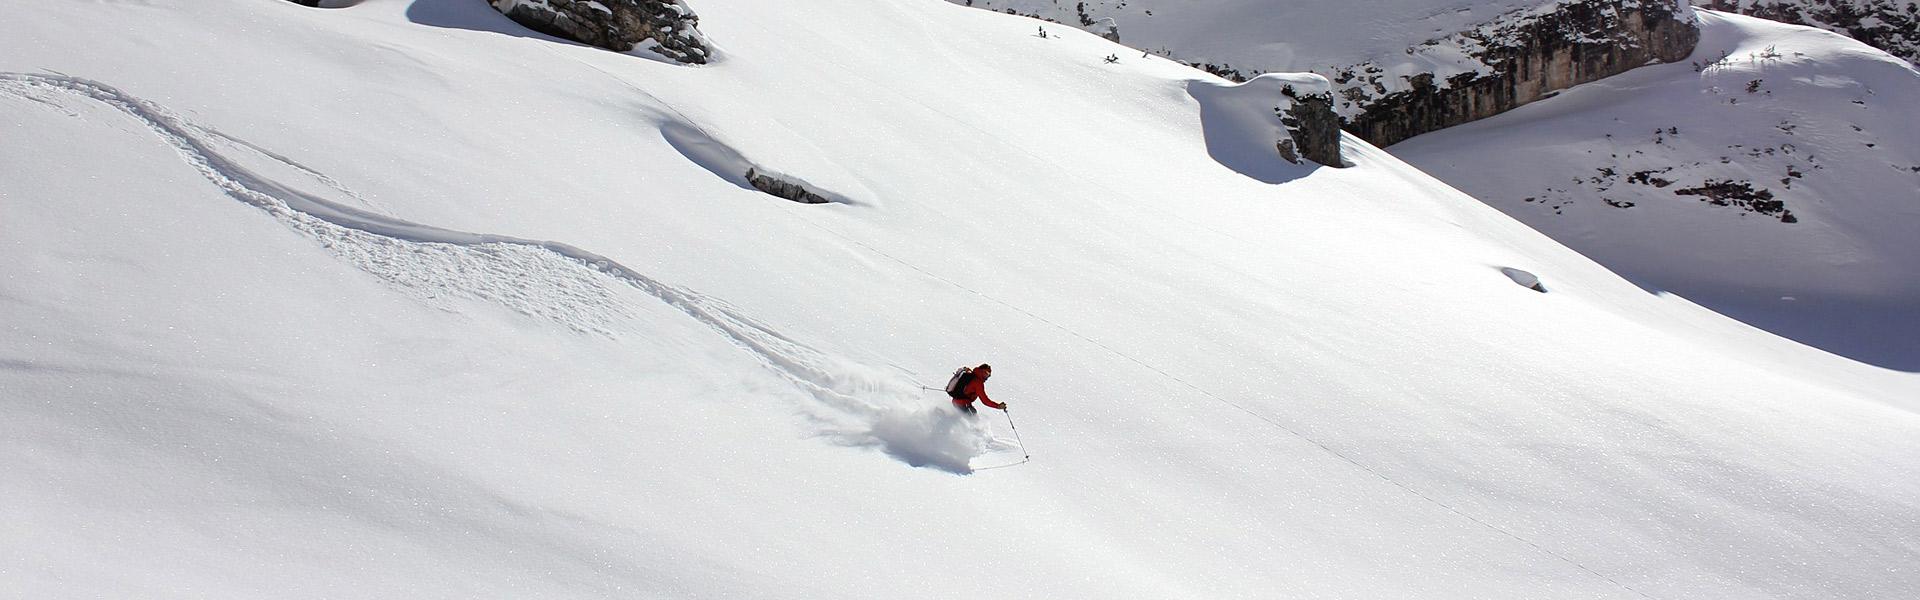 Marmolada ski